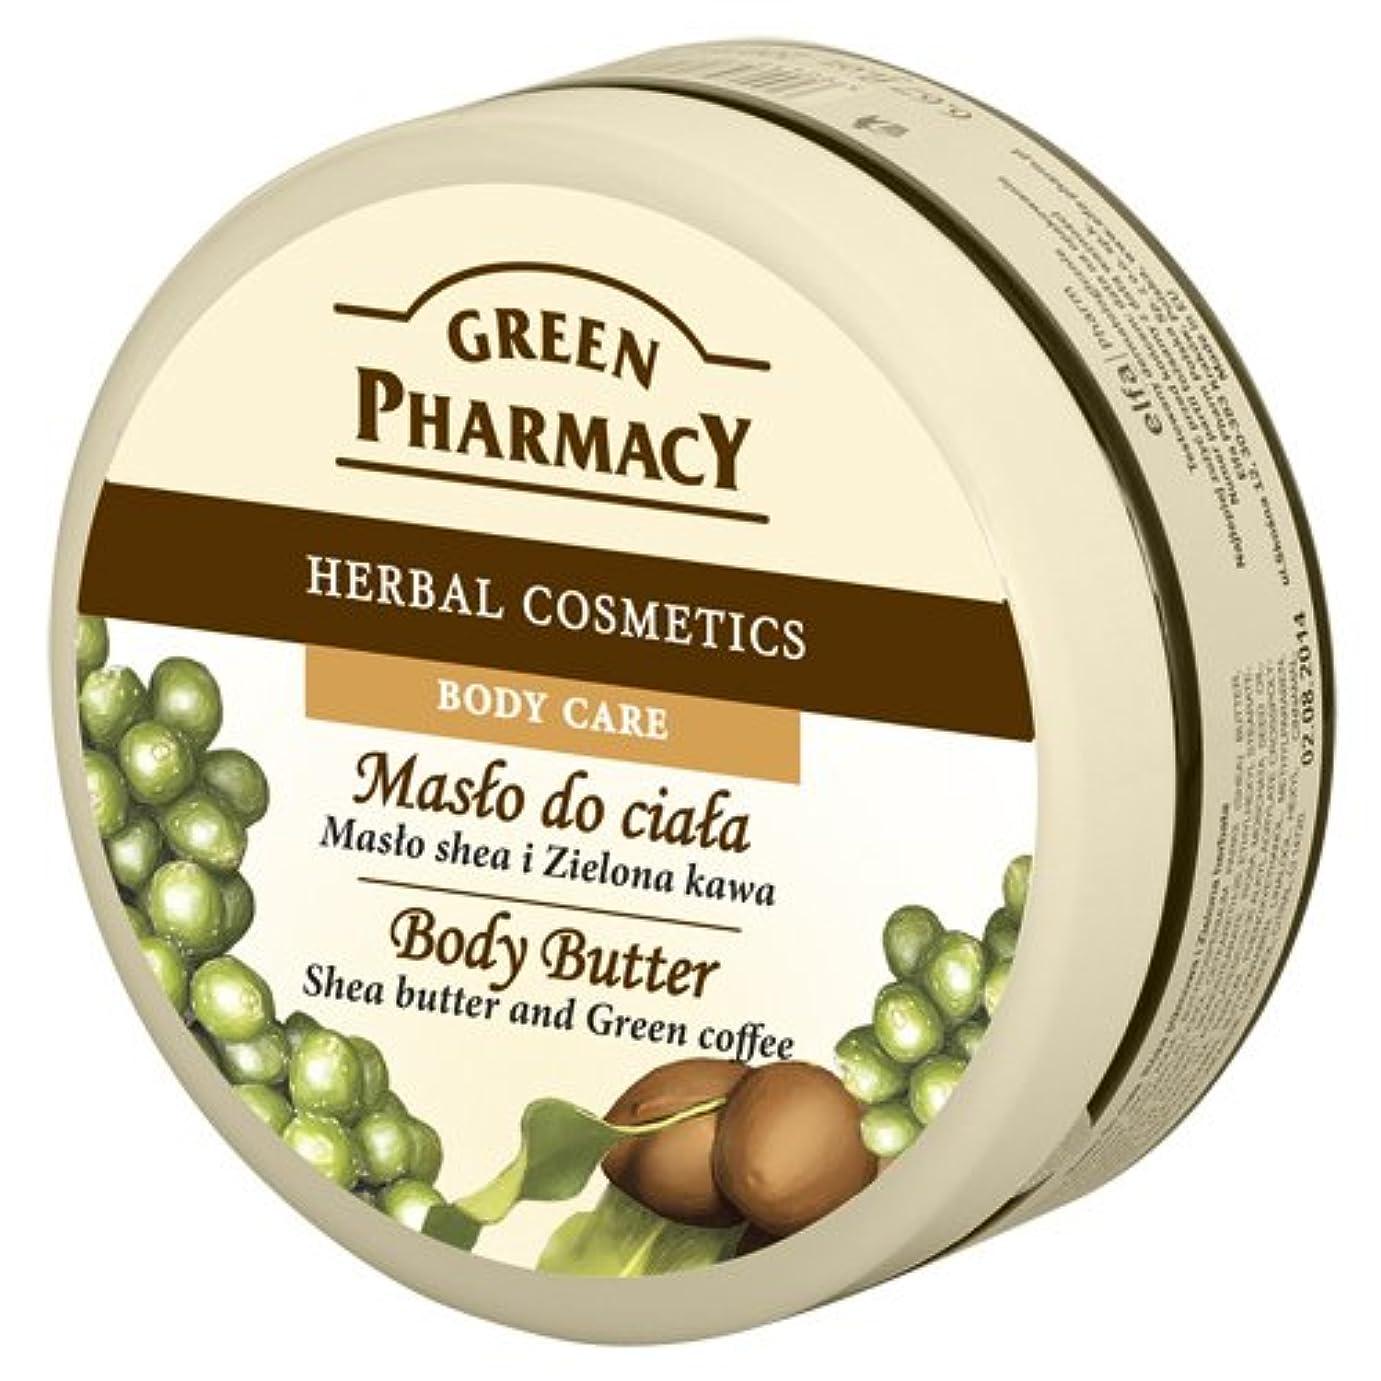 大気レガシー外向きElfa Pharm Green Pharmacy グリーンファーマシー Body Butter ボディバター Shea Butter and Green Coffee